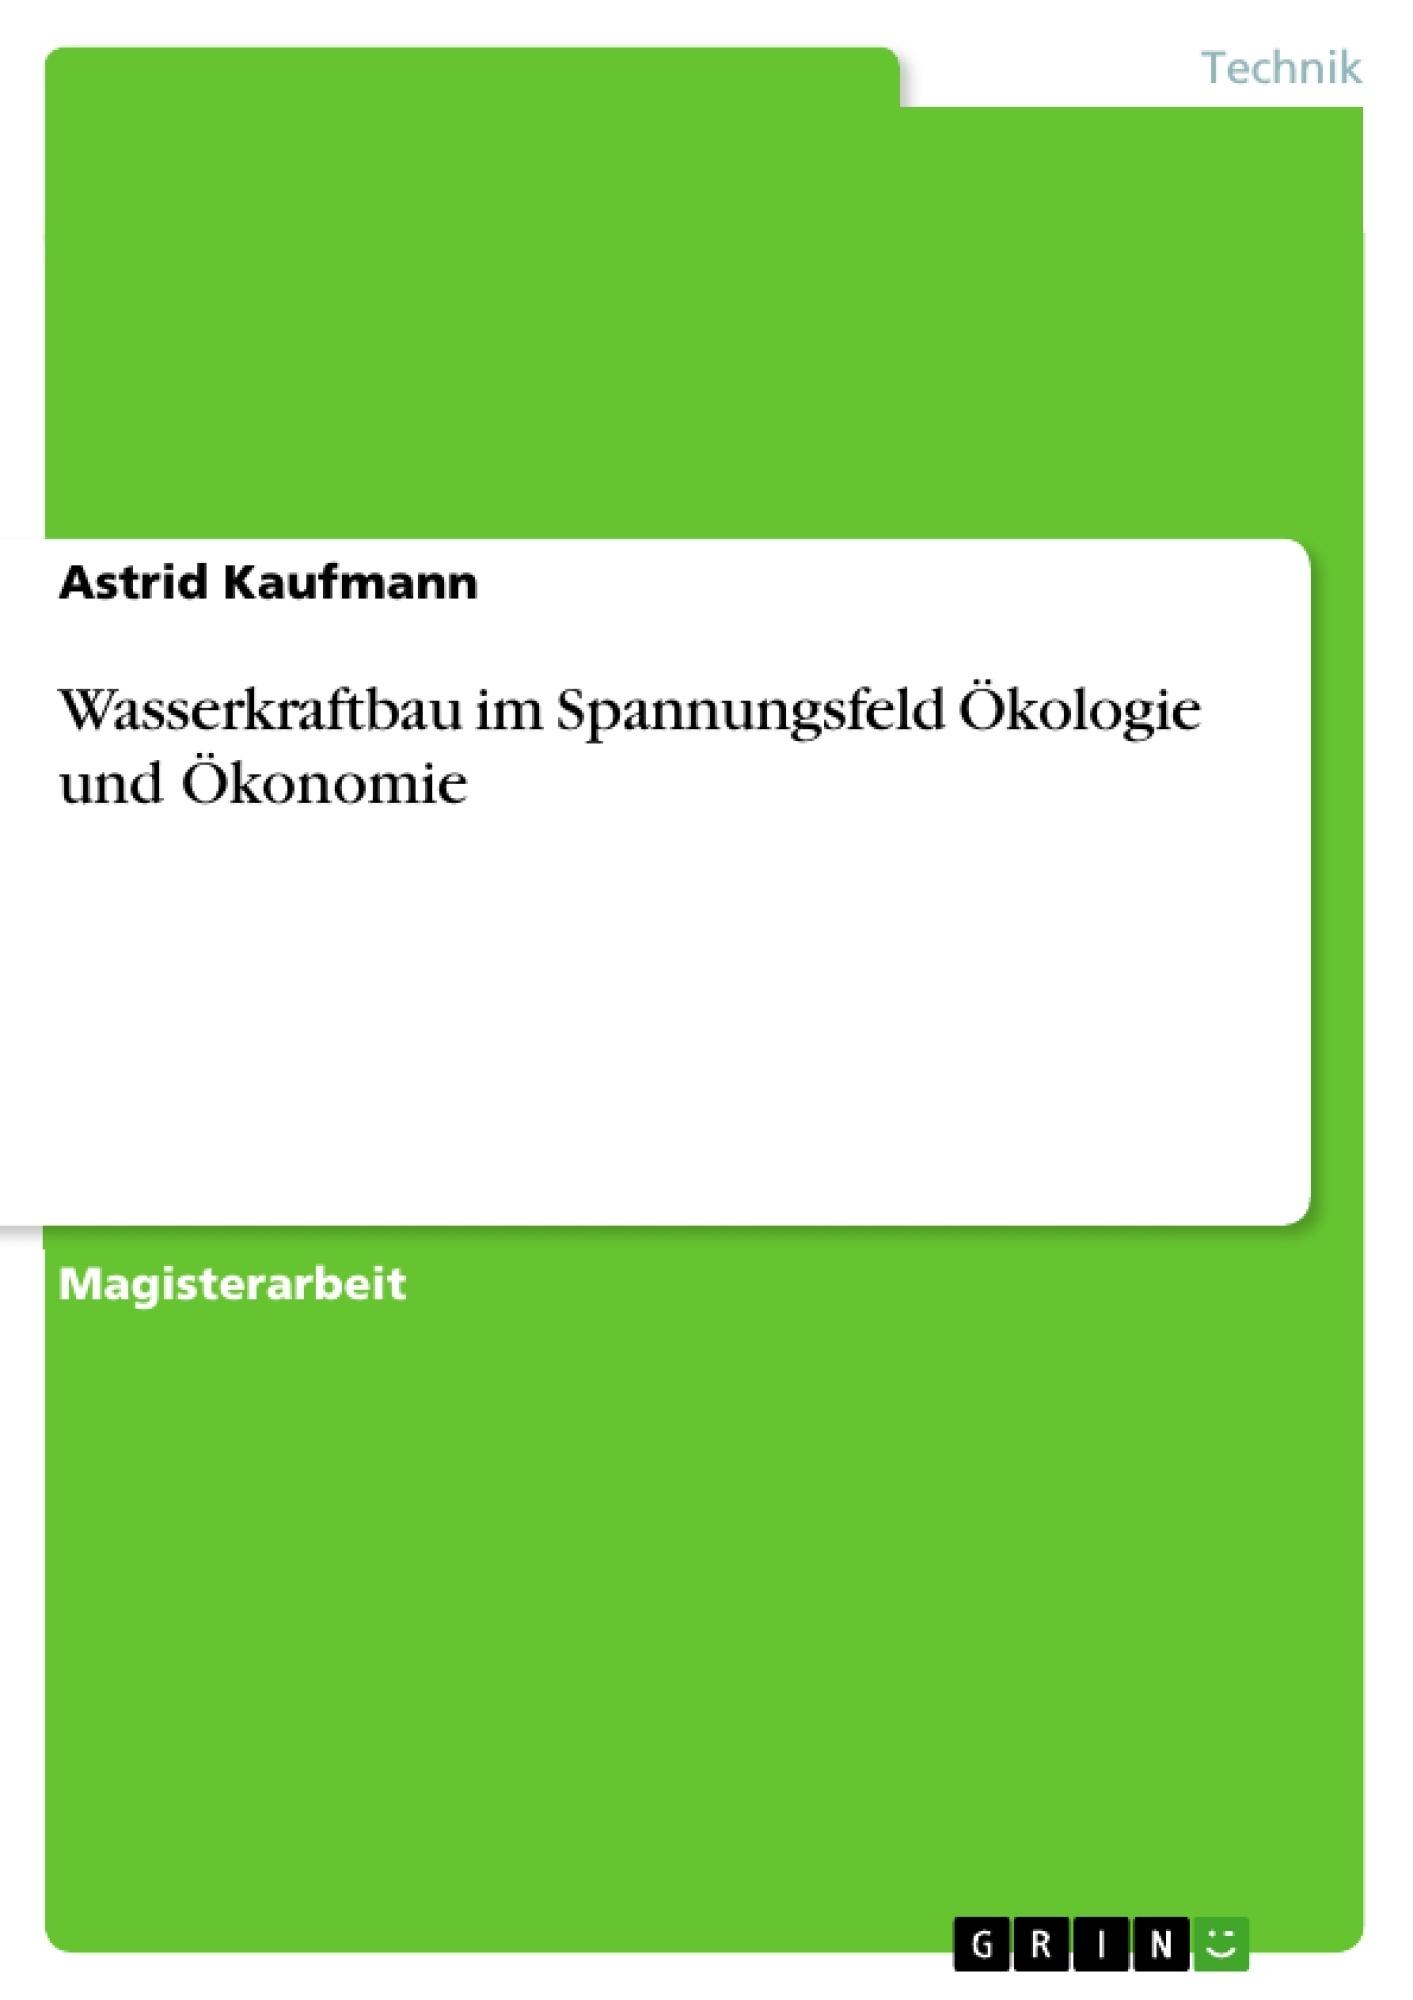 Titel: Wasserkraftbau im Spannungsfeld Ökologie und Ökonomie